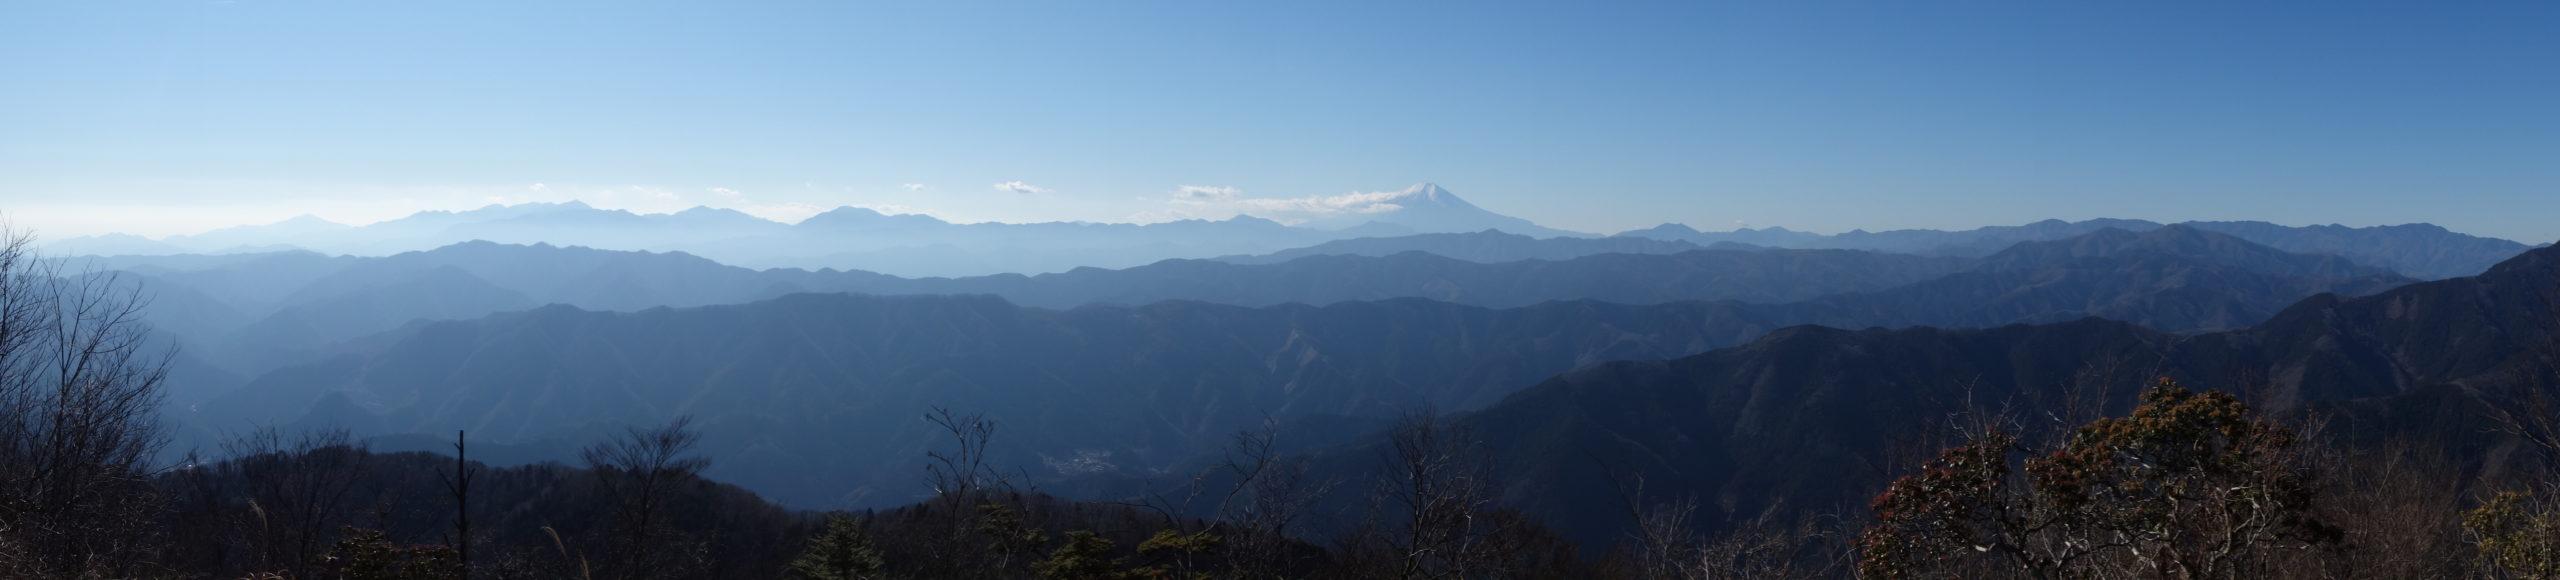 大岳山 大岳山〜惣岳山〜下山